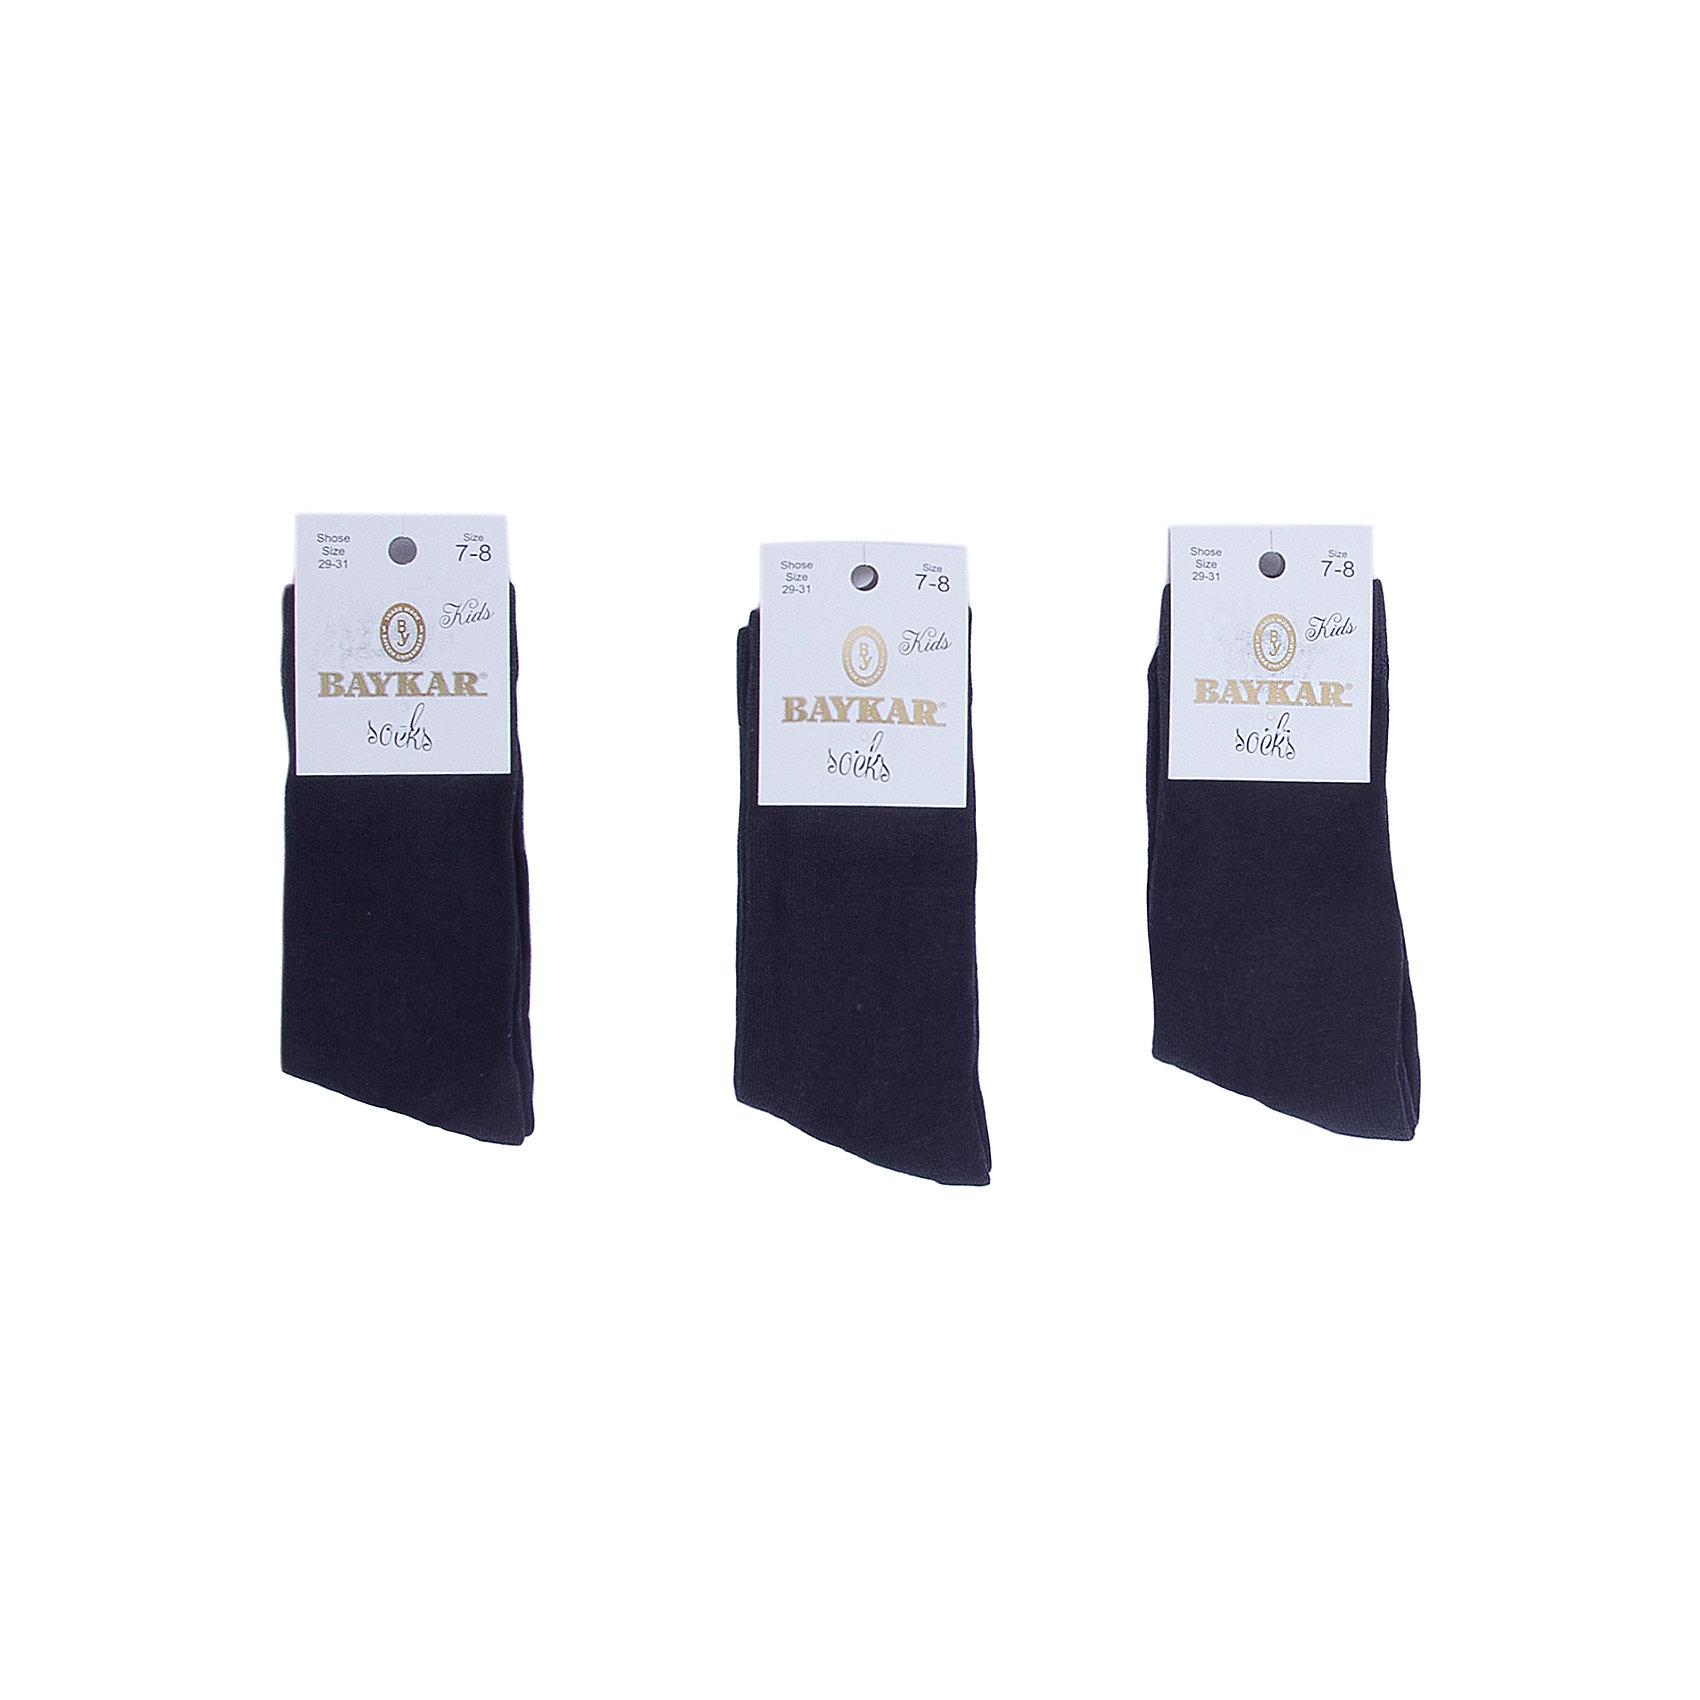 Носки ( 3 пары) BaykarНоски<br>Характеристики товара:<br><br>• цвет: серый<br>• состав ткани: 75% хлопок; 22% полиамид; 3% эластан<br>• комплектация: 3 пары<br>• сезон: круглый год<br>• страна бренда: Турция<br>• страна изготовитель: Турция<br><br>Набор серых носков от турецкого бренда Baykar создан специально для детей. Мягкие хлопковые носки дают коже дышать, хорошо впитывают влагу. <br><br>Мягкая резинка не давит на ногу. Качественные носки - залог комфорта ребенка. <br><br>Носки (3 пары) Baykar (Байкар) можно купить в нашем интернет-магазине.<br><br>Ширина мм: 87<br>Глубина мм: 10<br>Высота мм: 105<br>Вес г: 115<br>Цвет: серый<br>Возраст от месяцев: 72<br>Возраст до месяцев: 108<br>Пол: Унисекс<br>Возраст: Детский<br>Размер: 18-20,24-26,20-22,22-24<br>SKU: 6863924